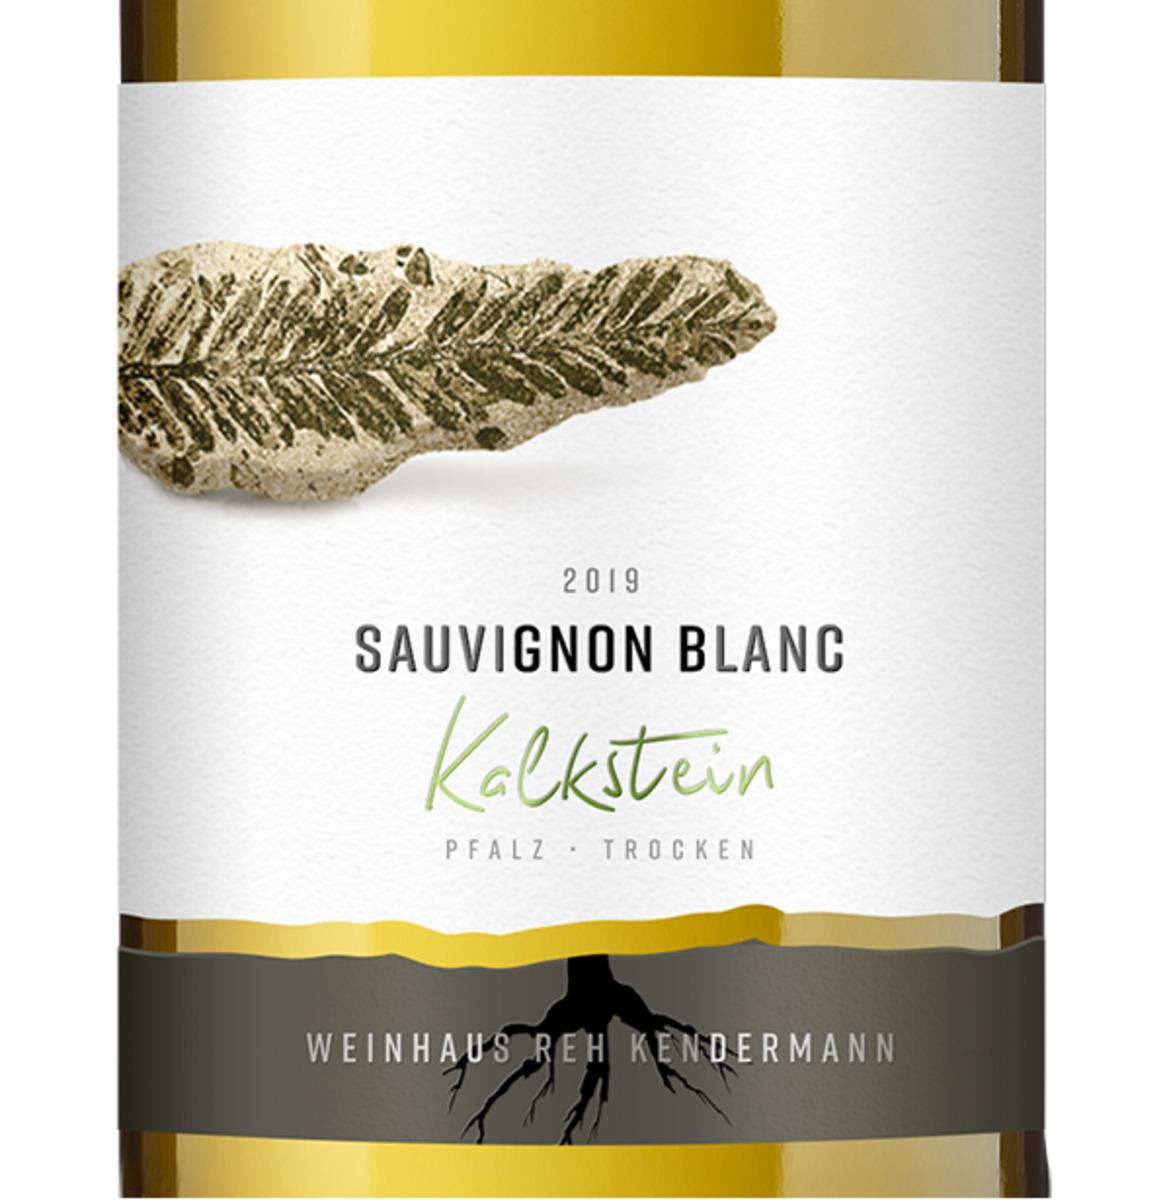 Bild 2 von Weinhaus Reh Kendermann Pfalz Sauvignon Blanc Kalkstein, trocken